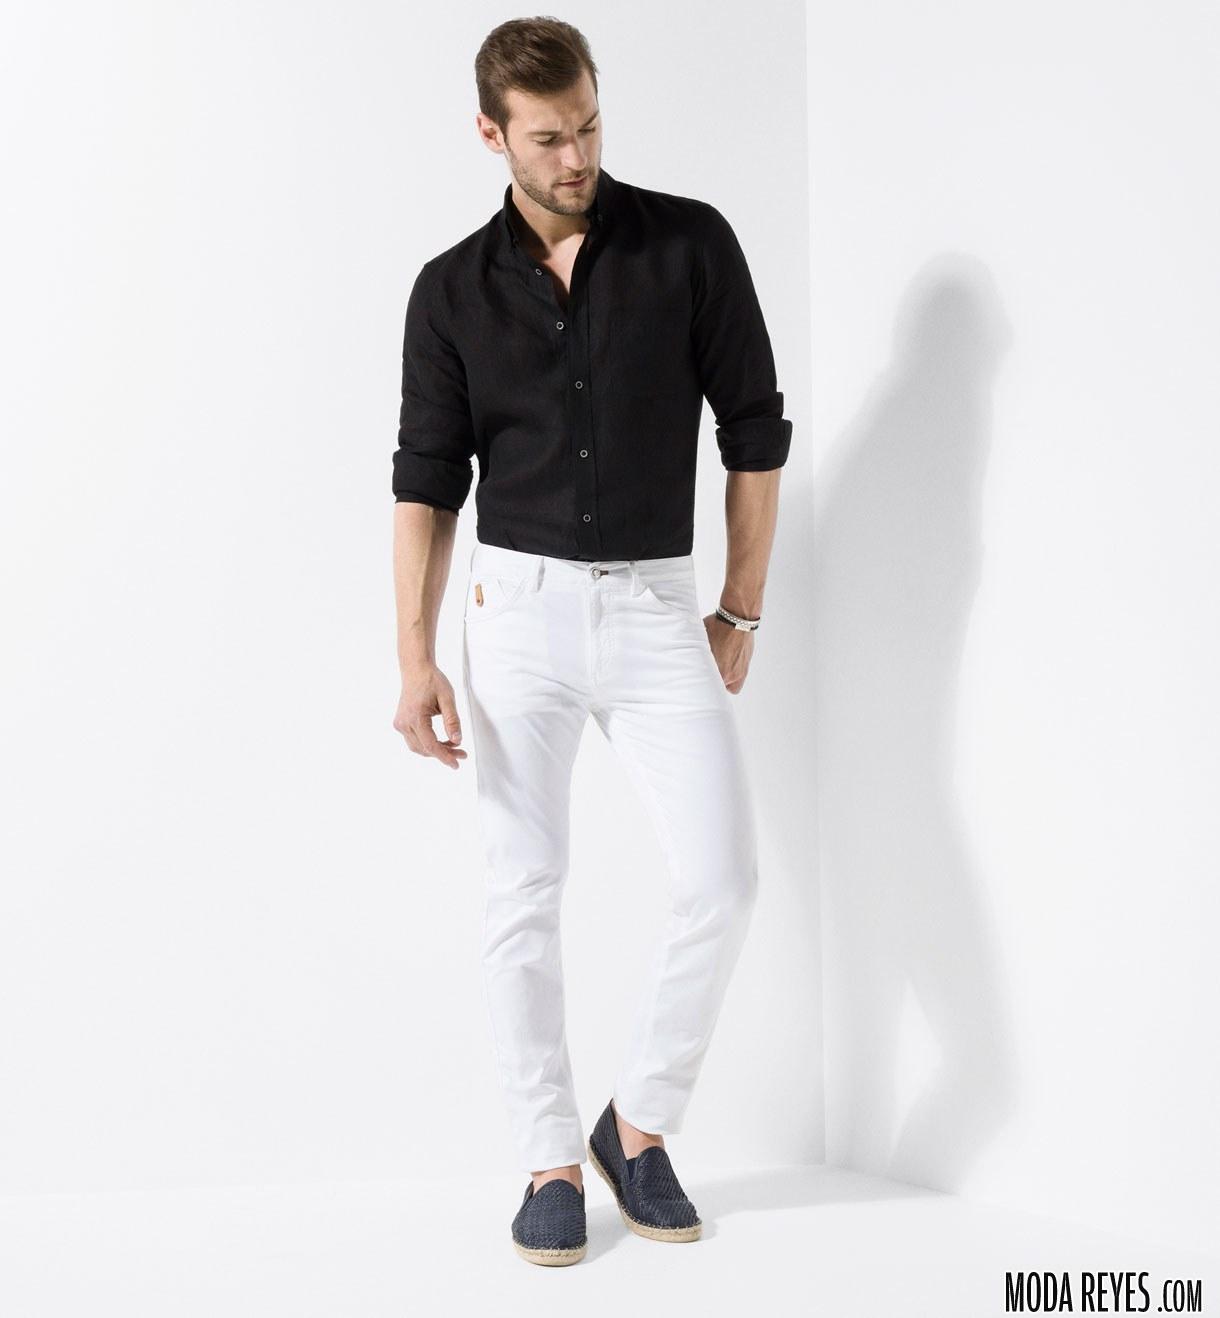 pantalón blanco con camisa negra